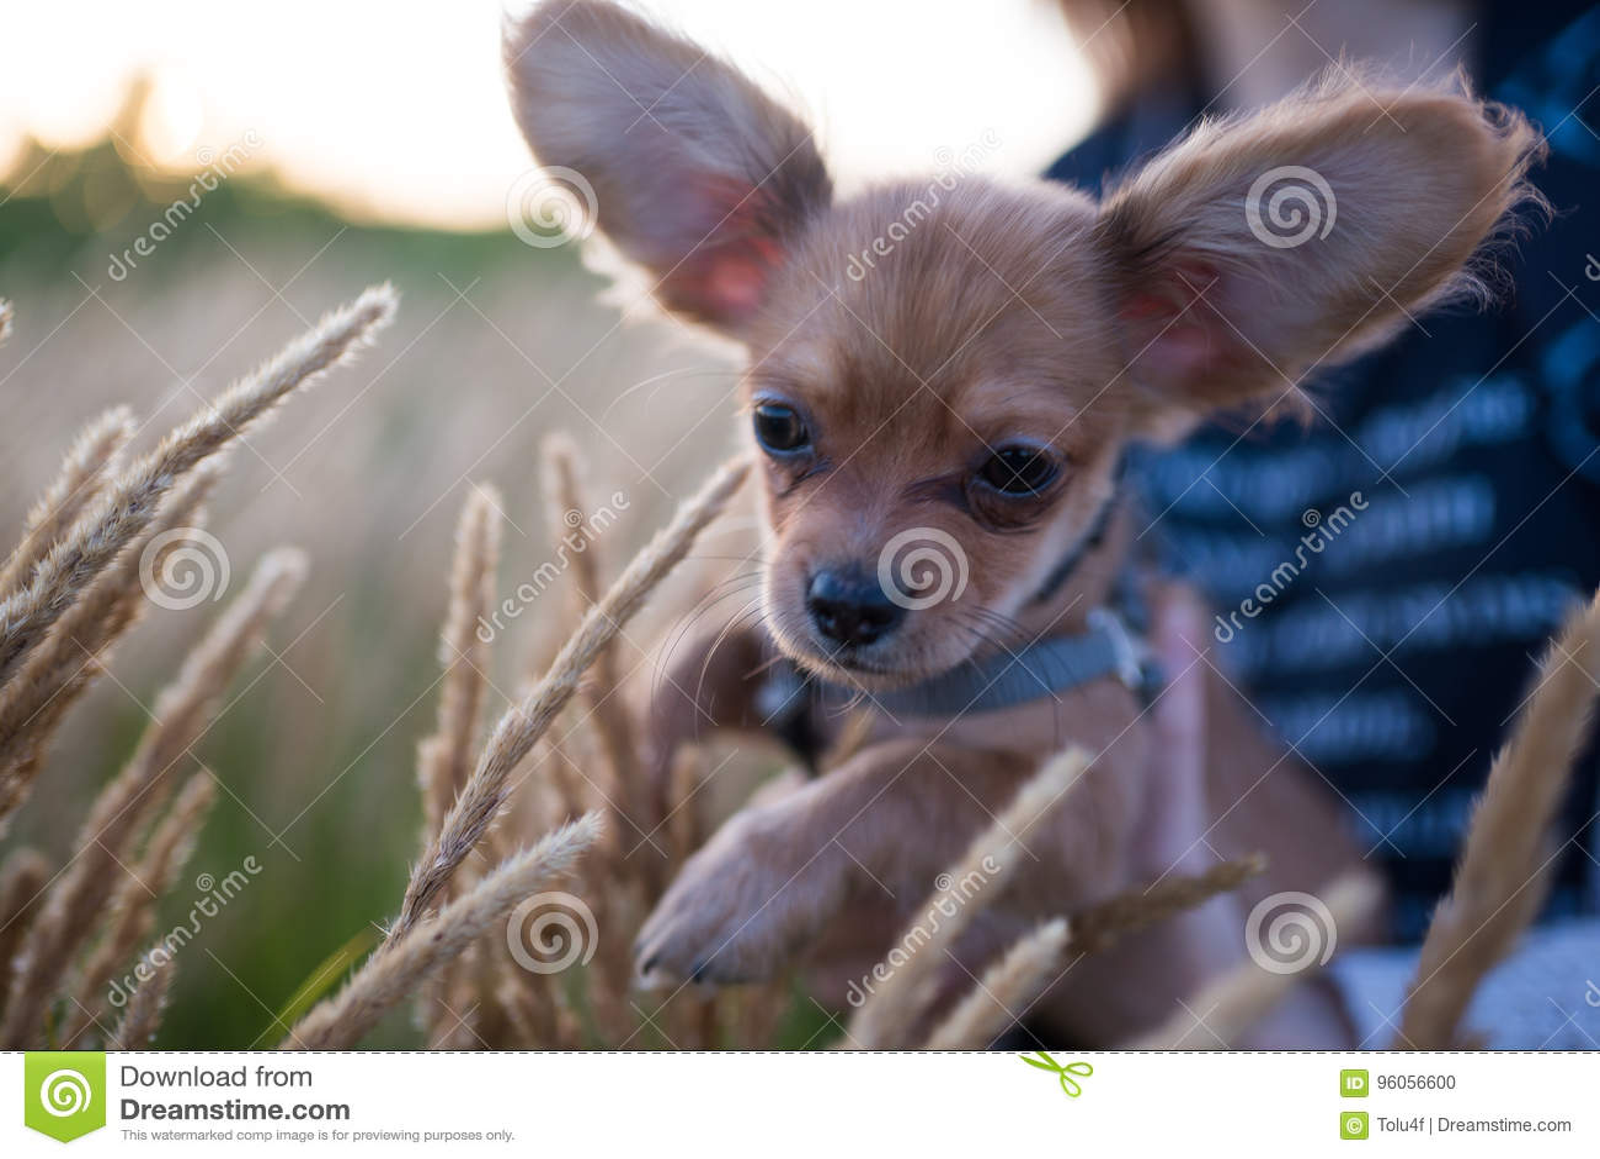 Petit chiot de chiwawa pour la première fois sur une promenade et jouer en nature sur le champ